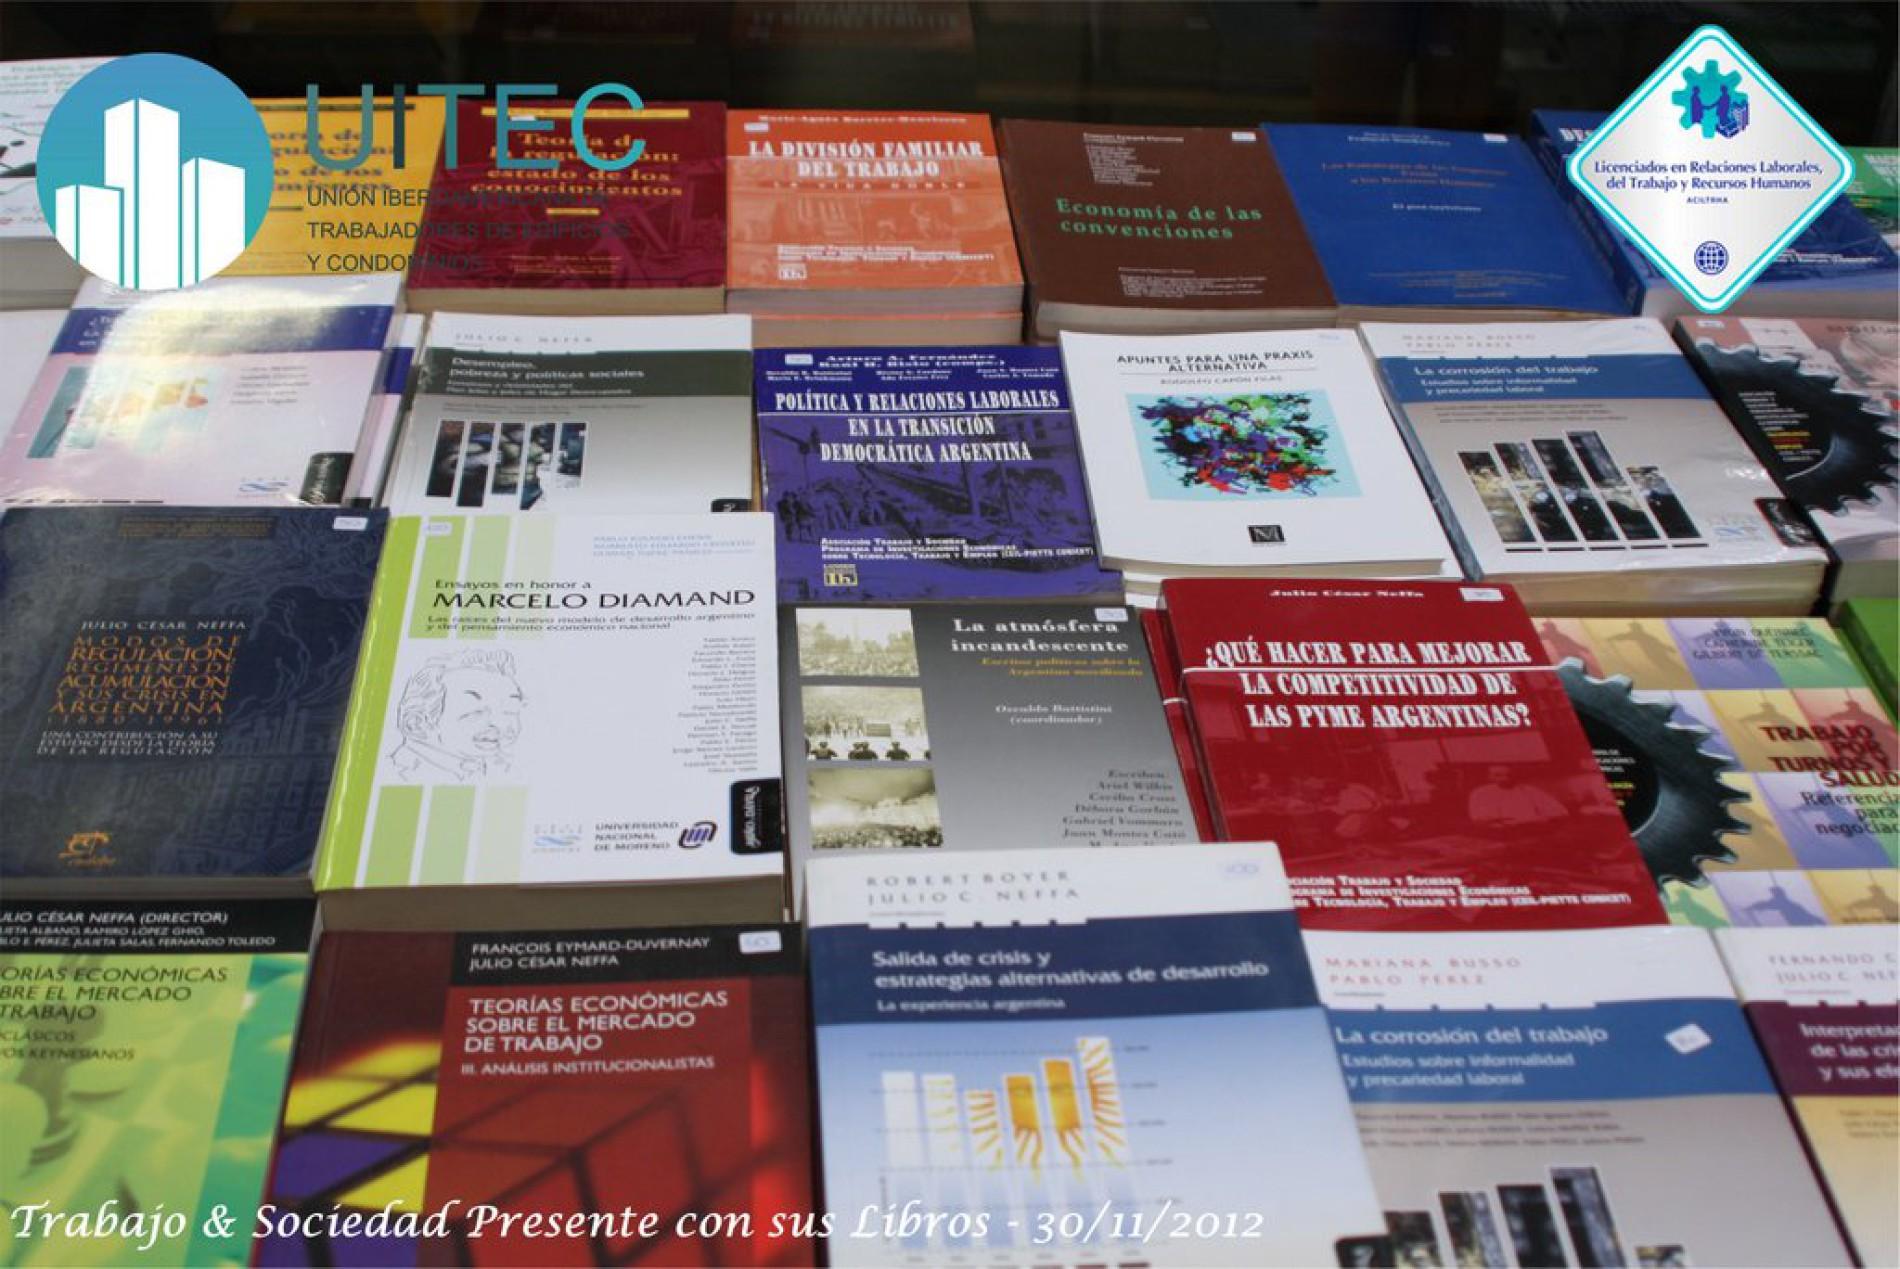 2do CONGRESO NACIONAL DE ACILTRHA «Condiciones y medio ambiente de trabajo, vigencia y perspectiva de desarrollo en América Latina» | UITEC | 2012